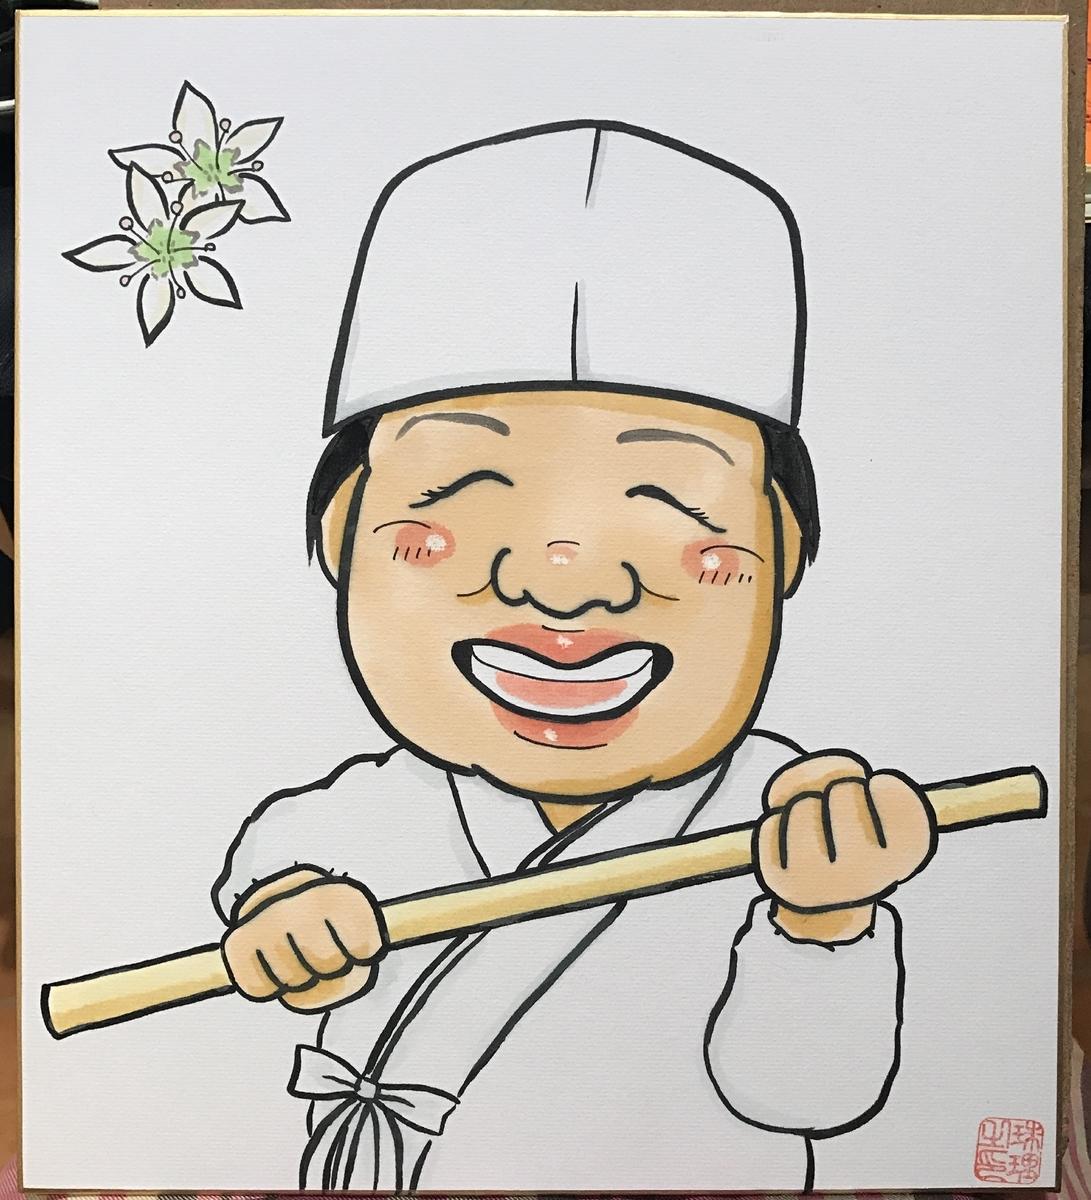 名刺用似顔絵 北海道札幌の似顔絵作家高井じゅり 似顔絵ファクトリー